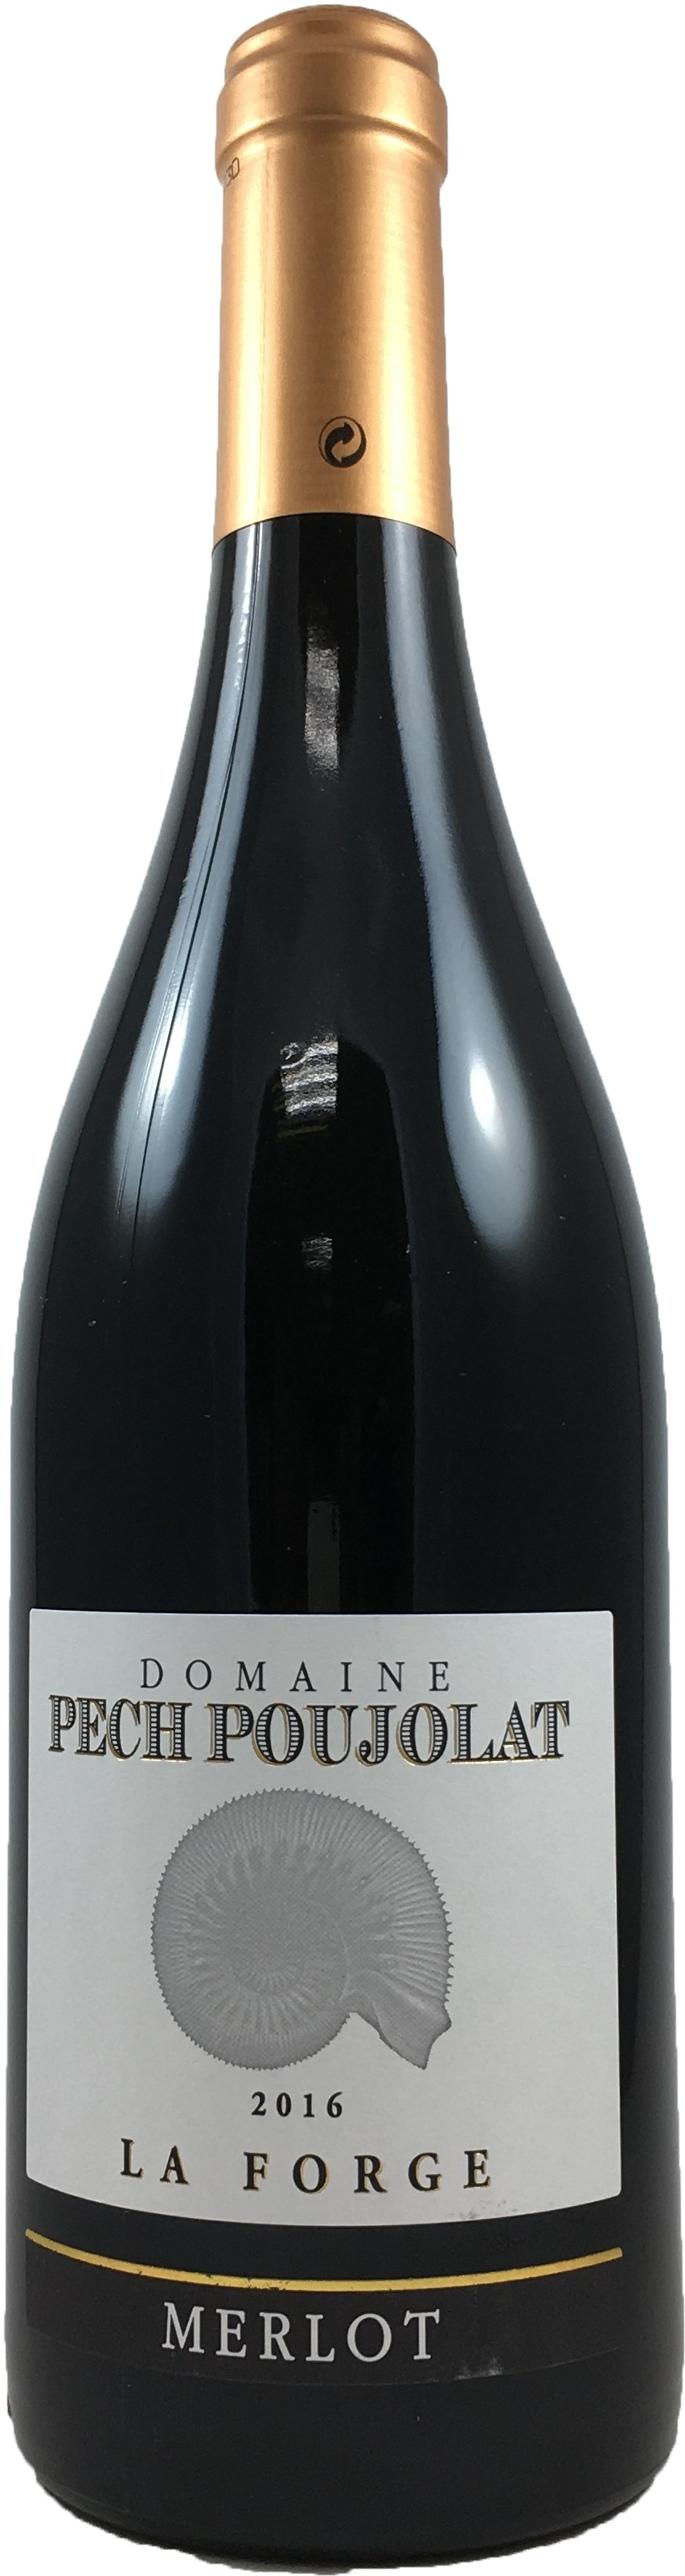 法國 胡西庸 佩吉酒莊 海螺系列 梅洛紅葡萄酒 2016